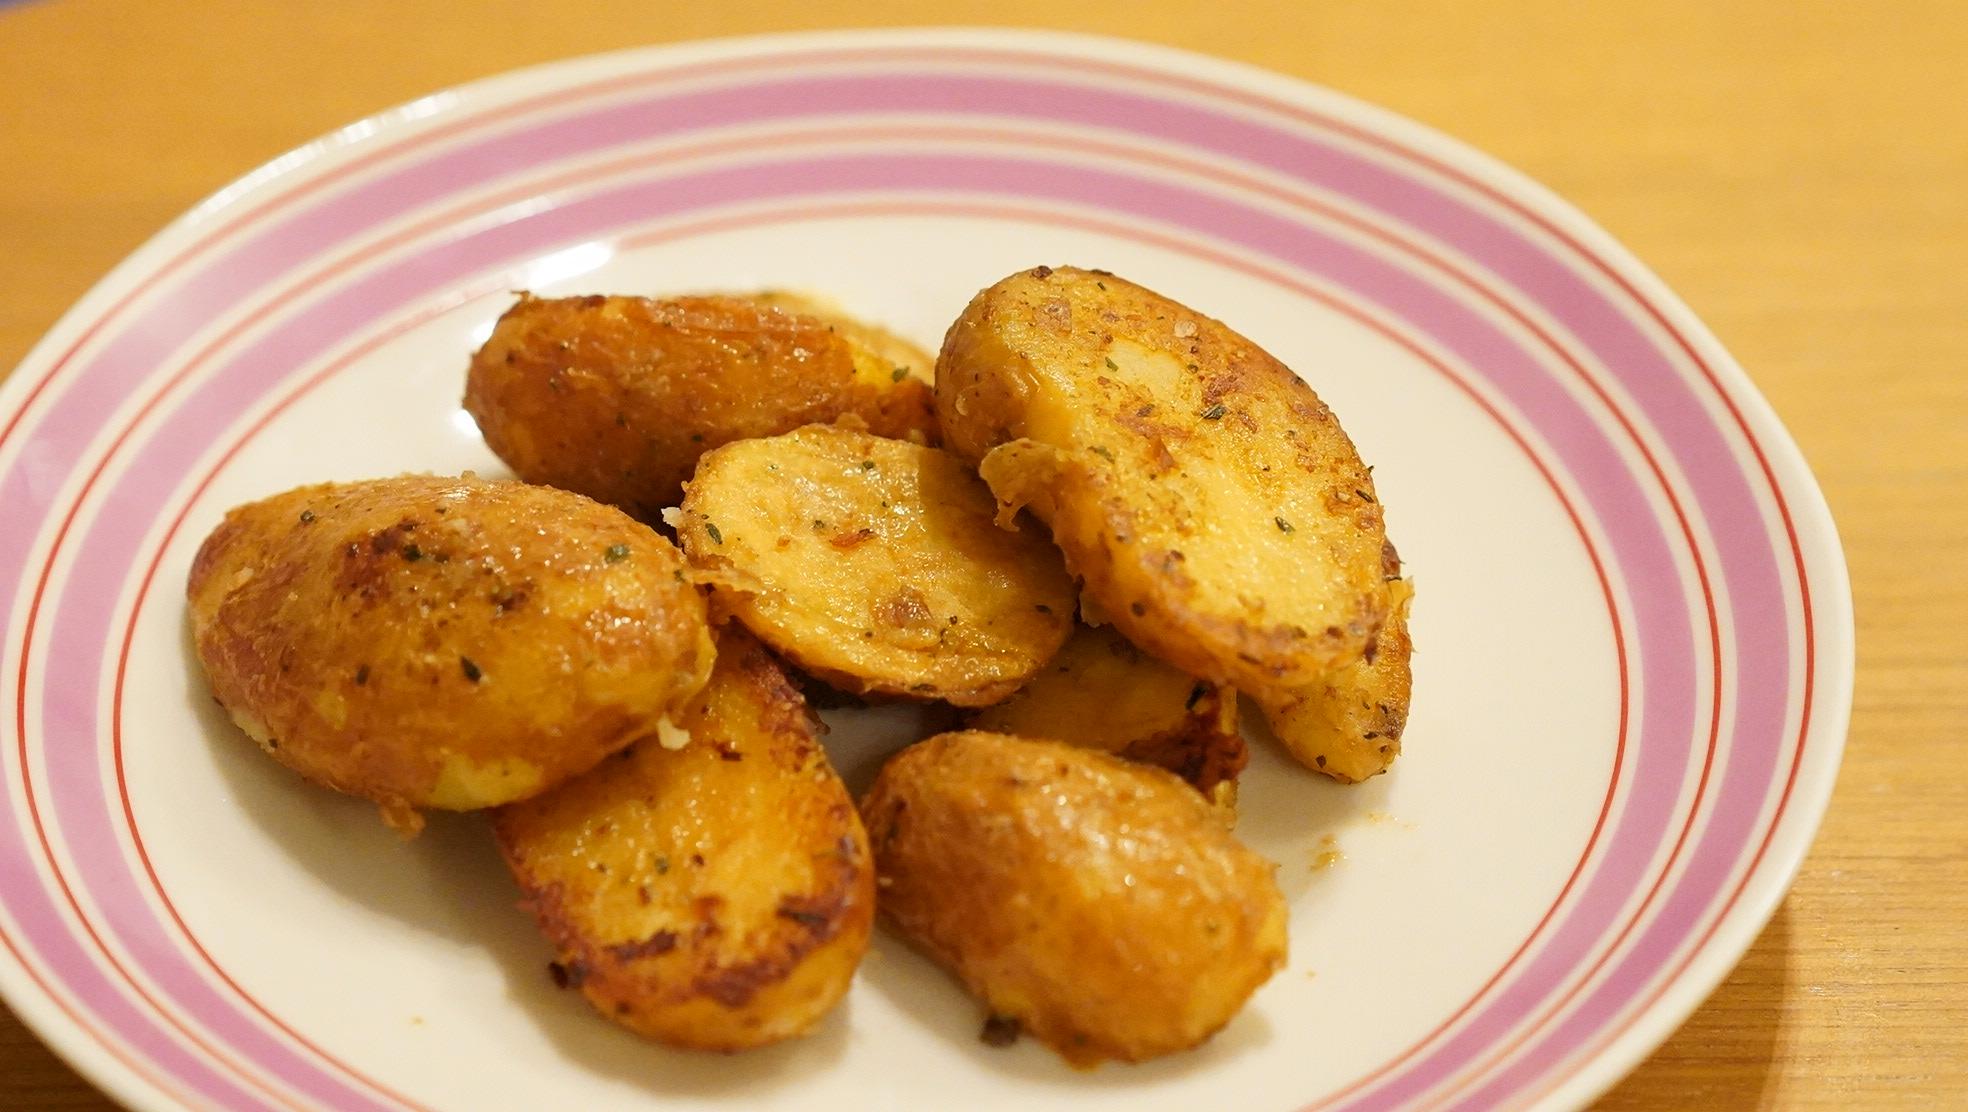 コストコのおすすめ冷凍食品「ベビーポテト(Demi Grenaille)」のポテトの写真